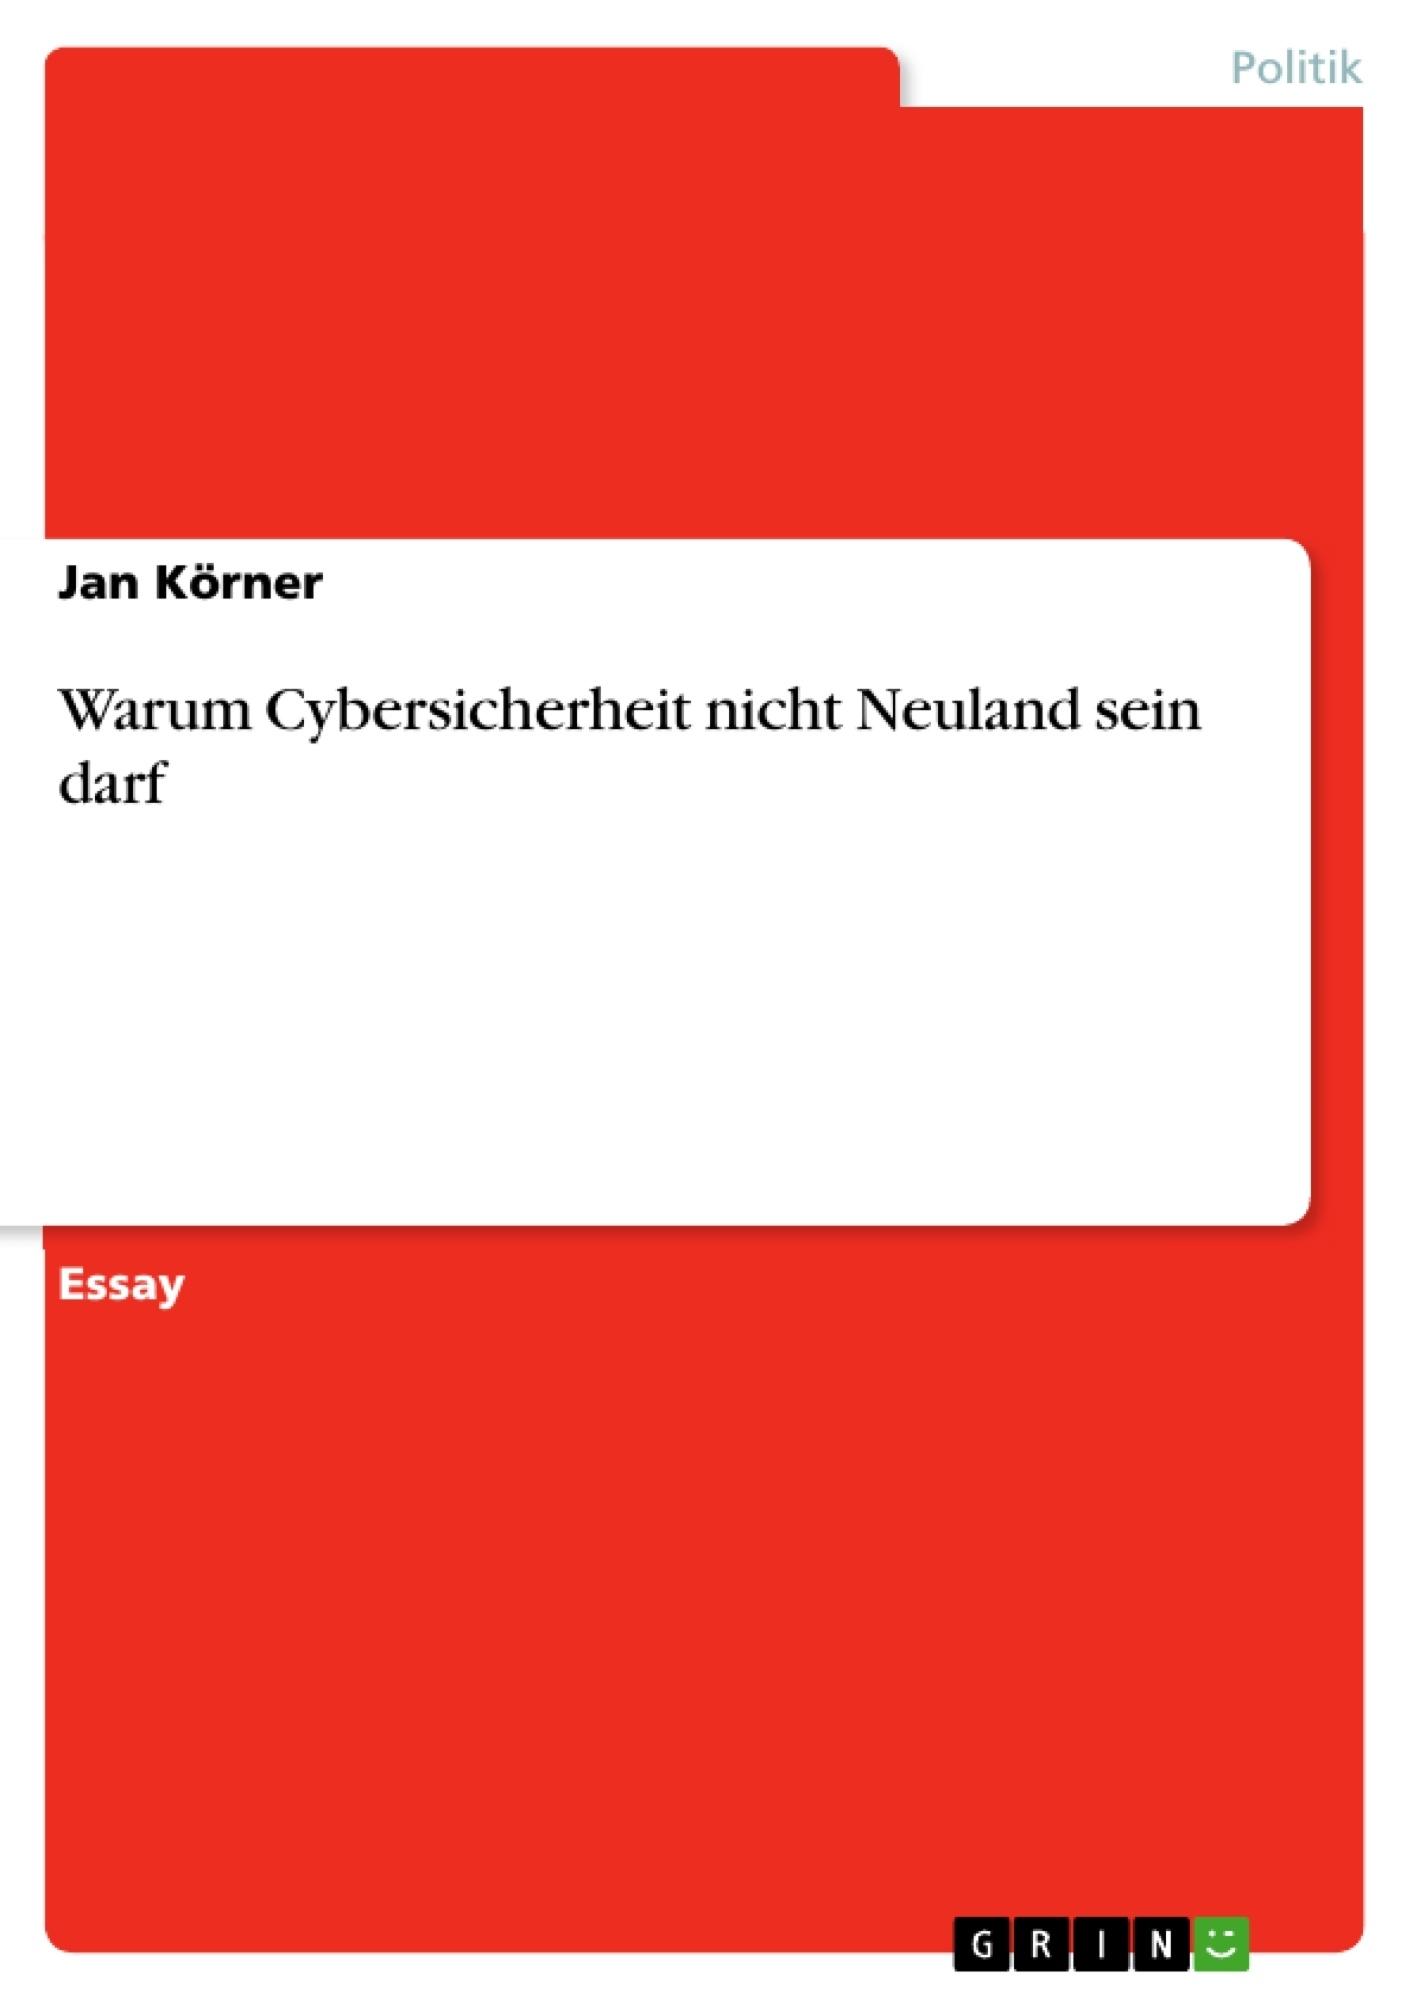 Titel: Warum Cybersicherheit nicht Neuland sein darf